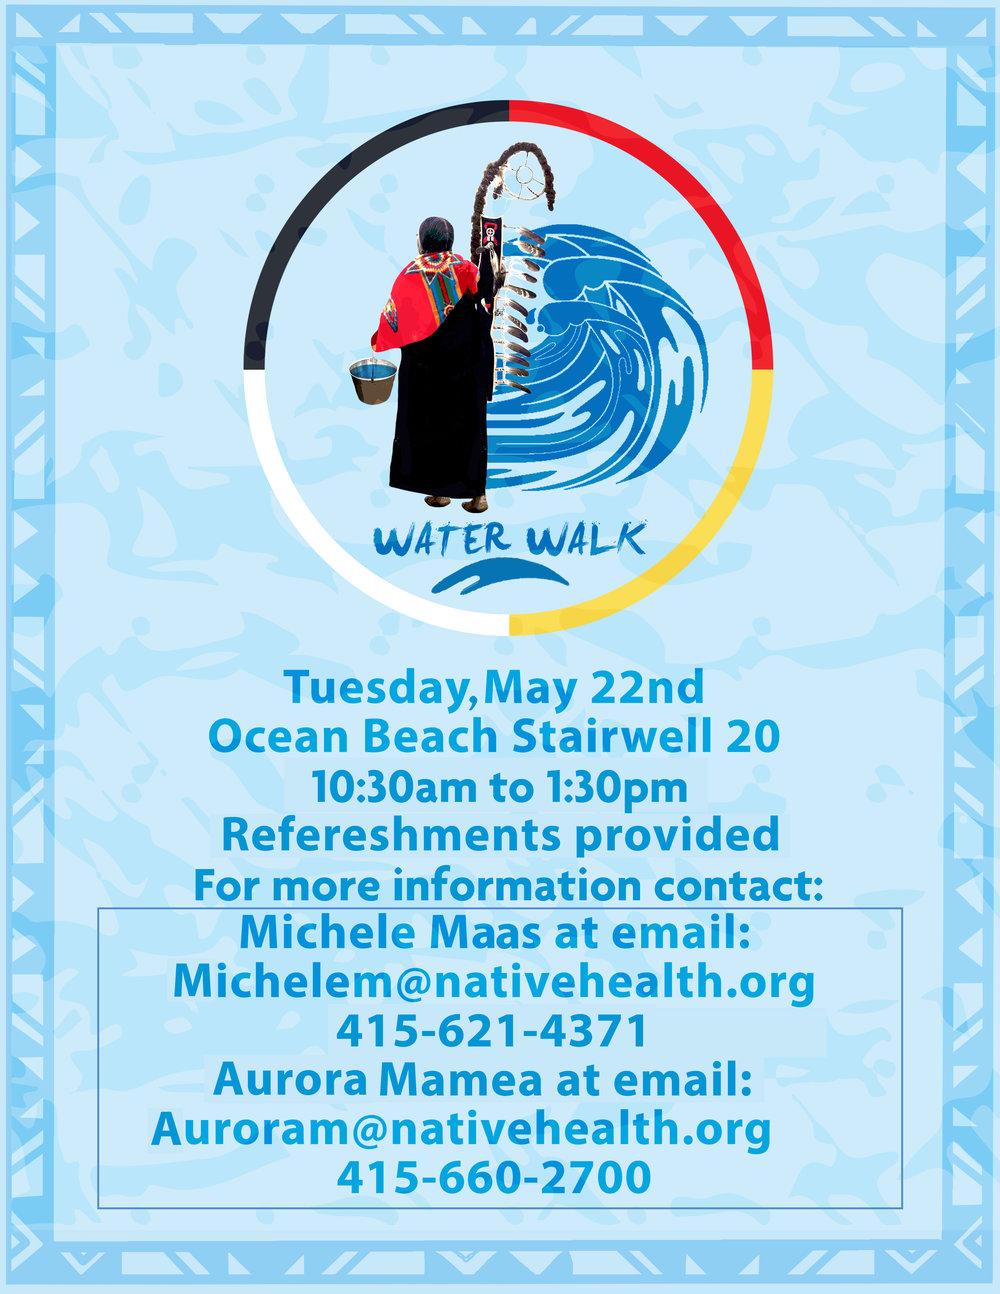 WaterwalkSF_flyer.jpg